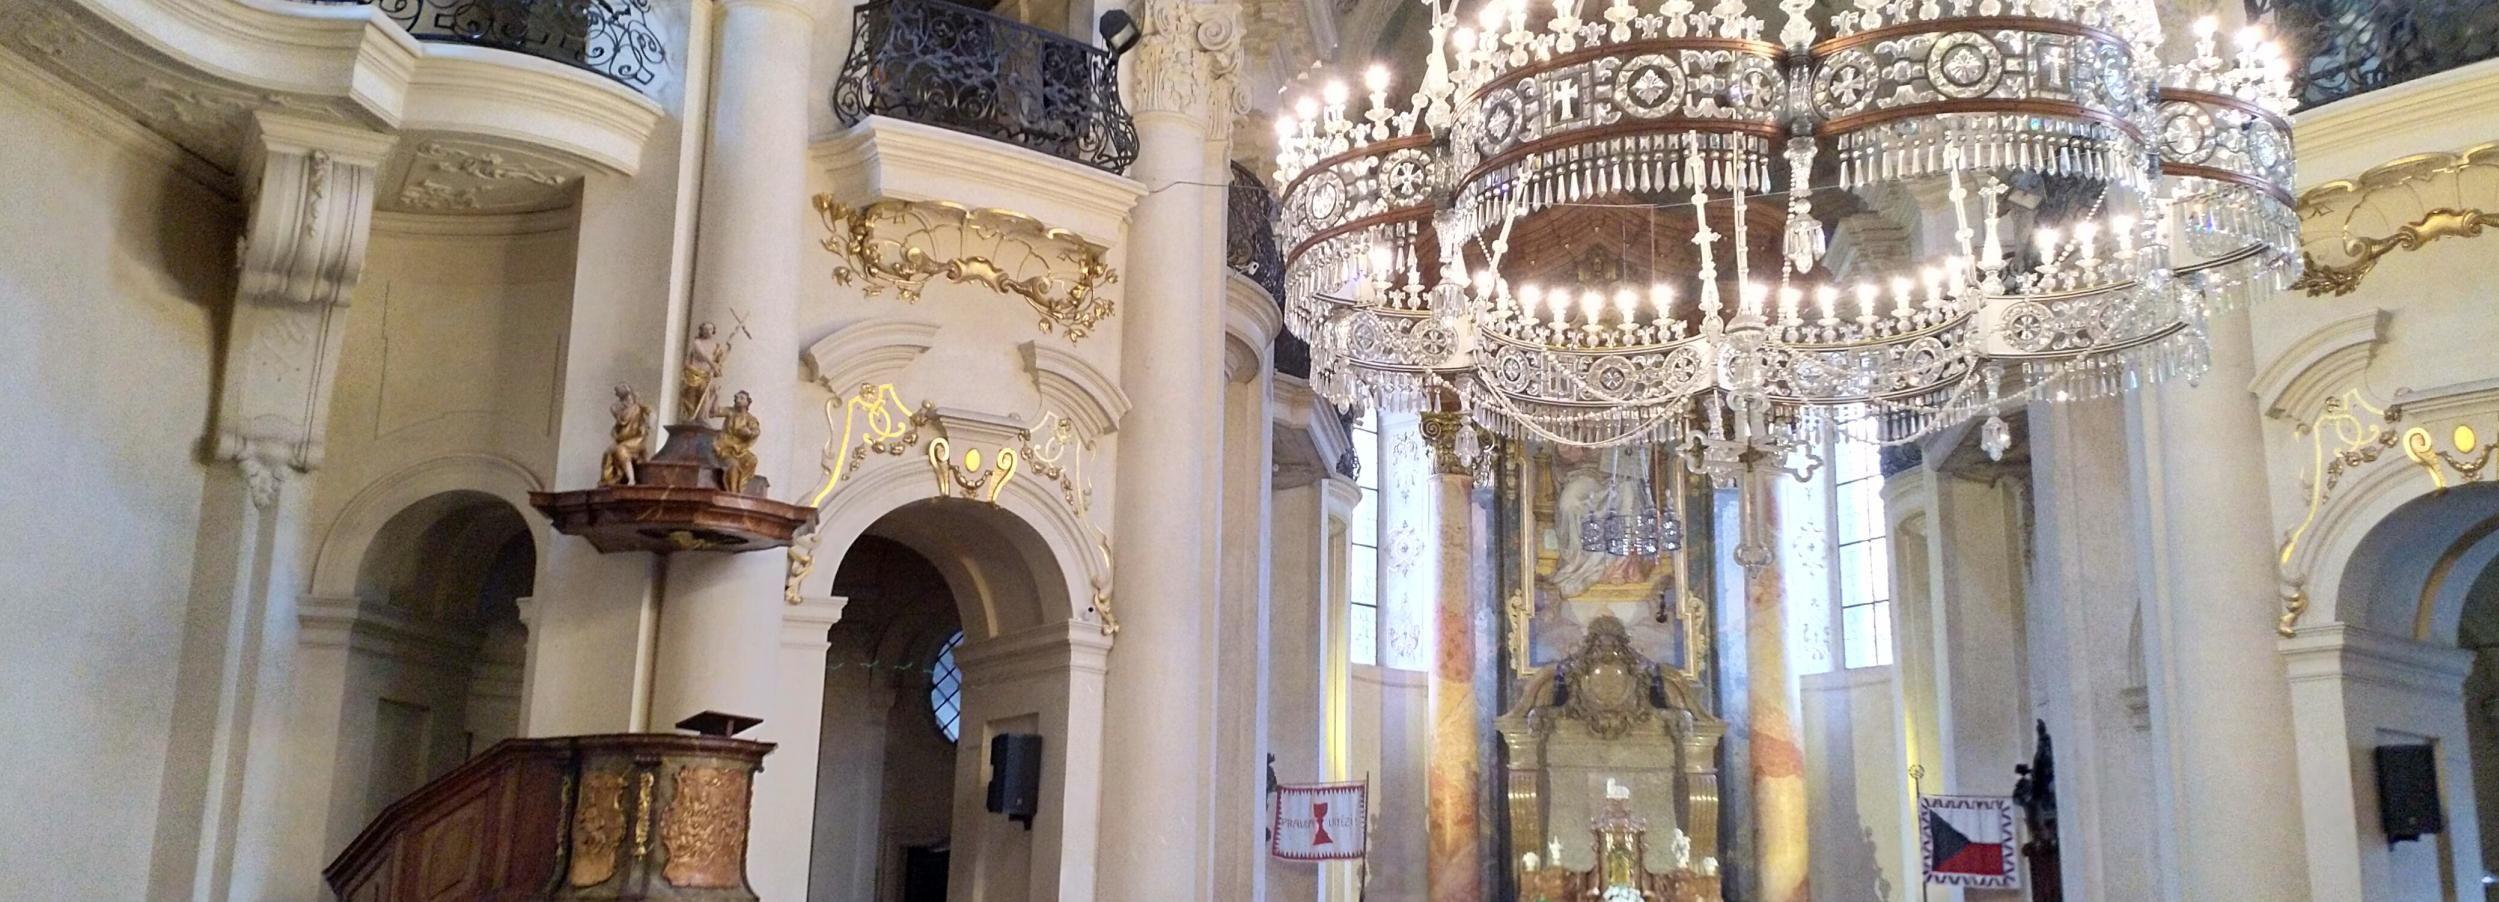 Prag: Altstadt-Tour und Klassisches Konzert